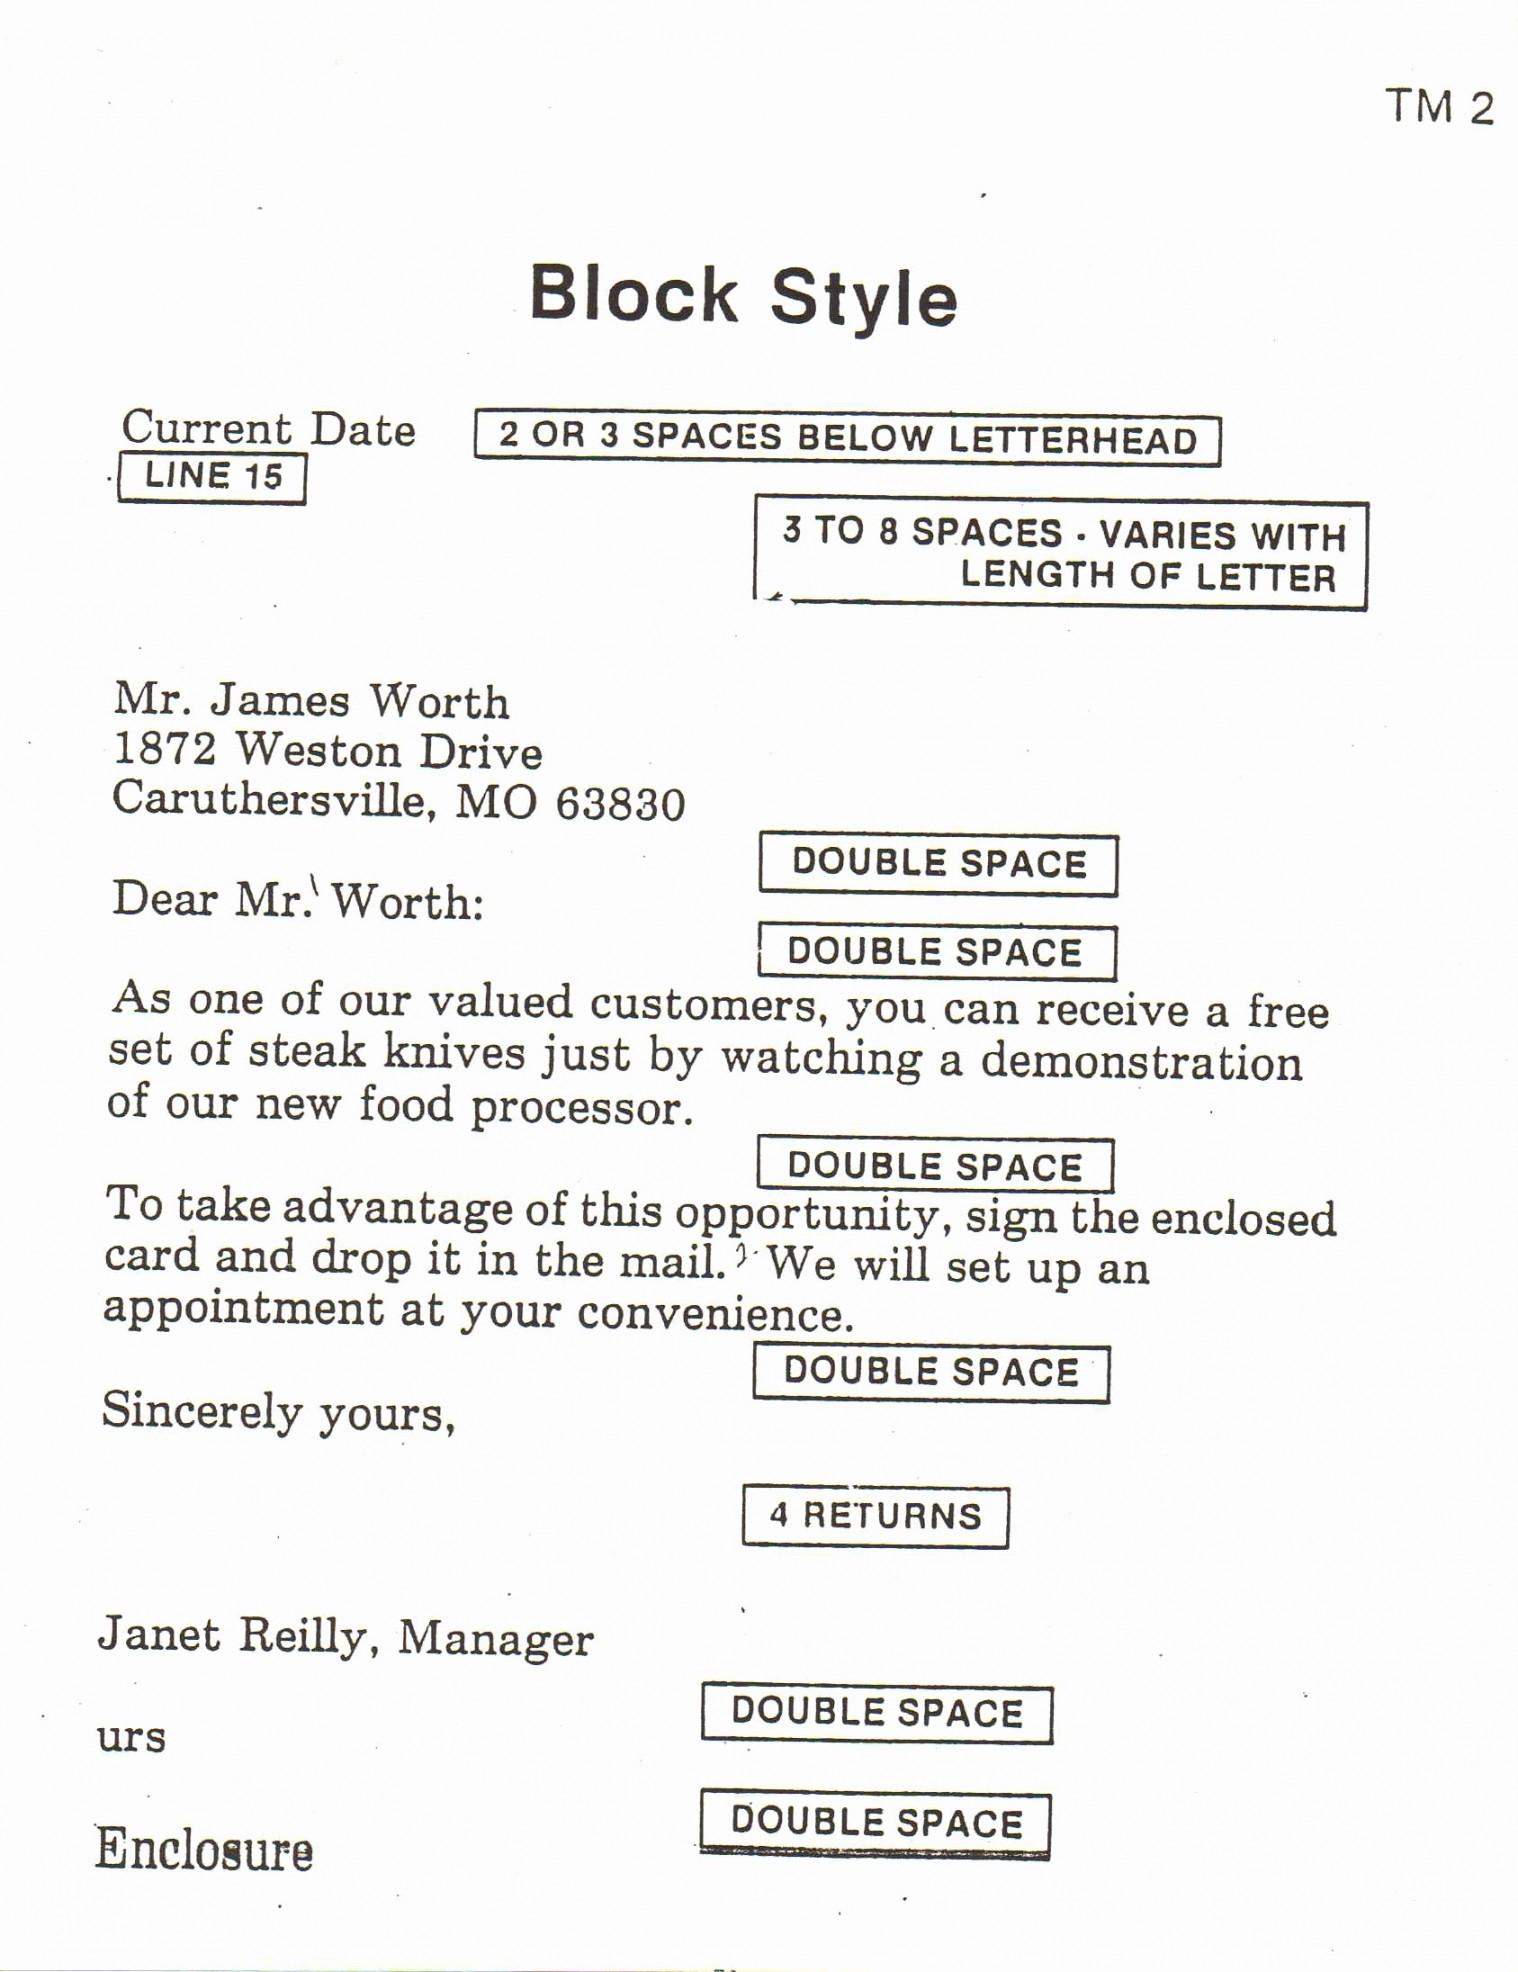 Resume Format Spacing